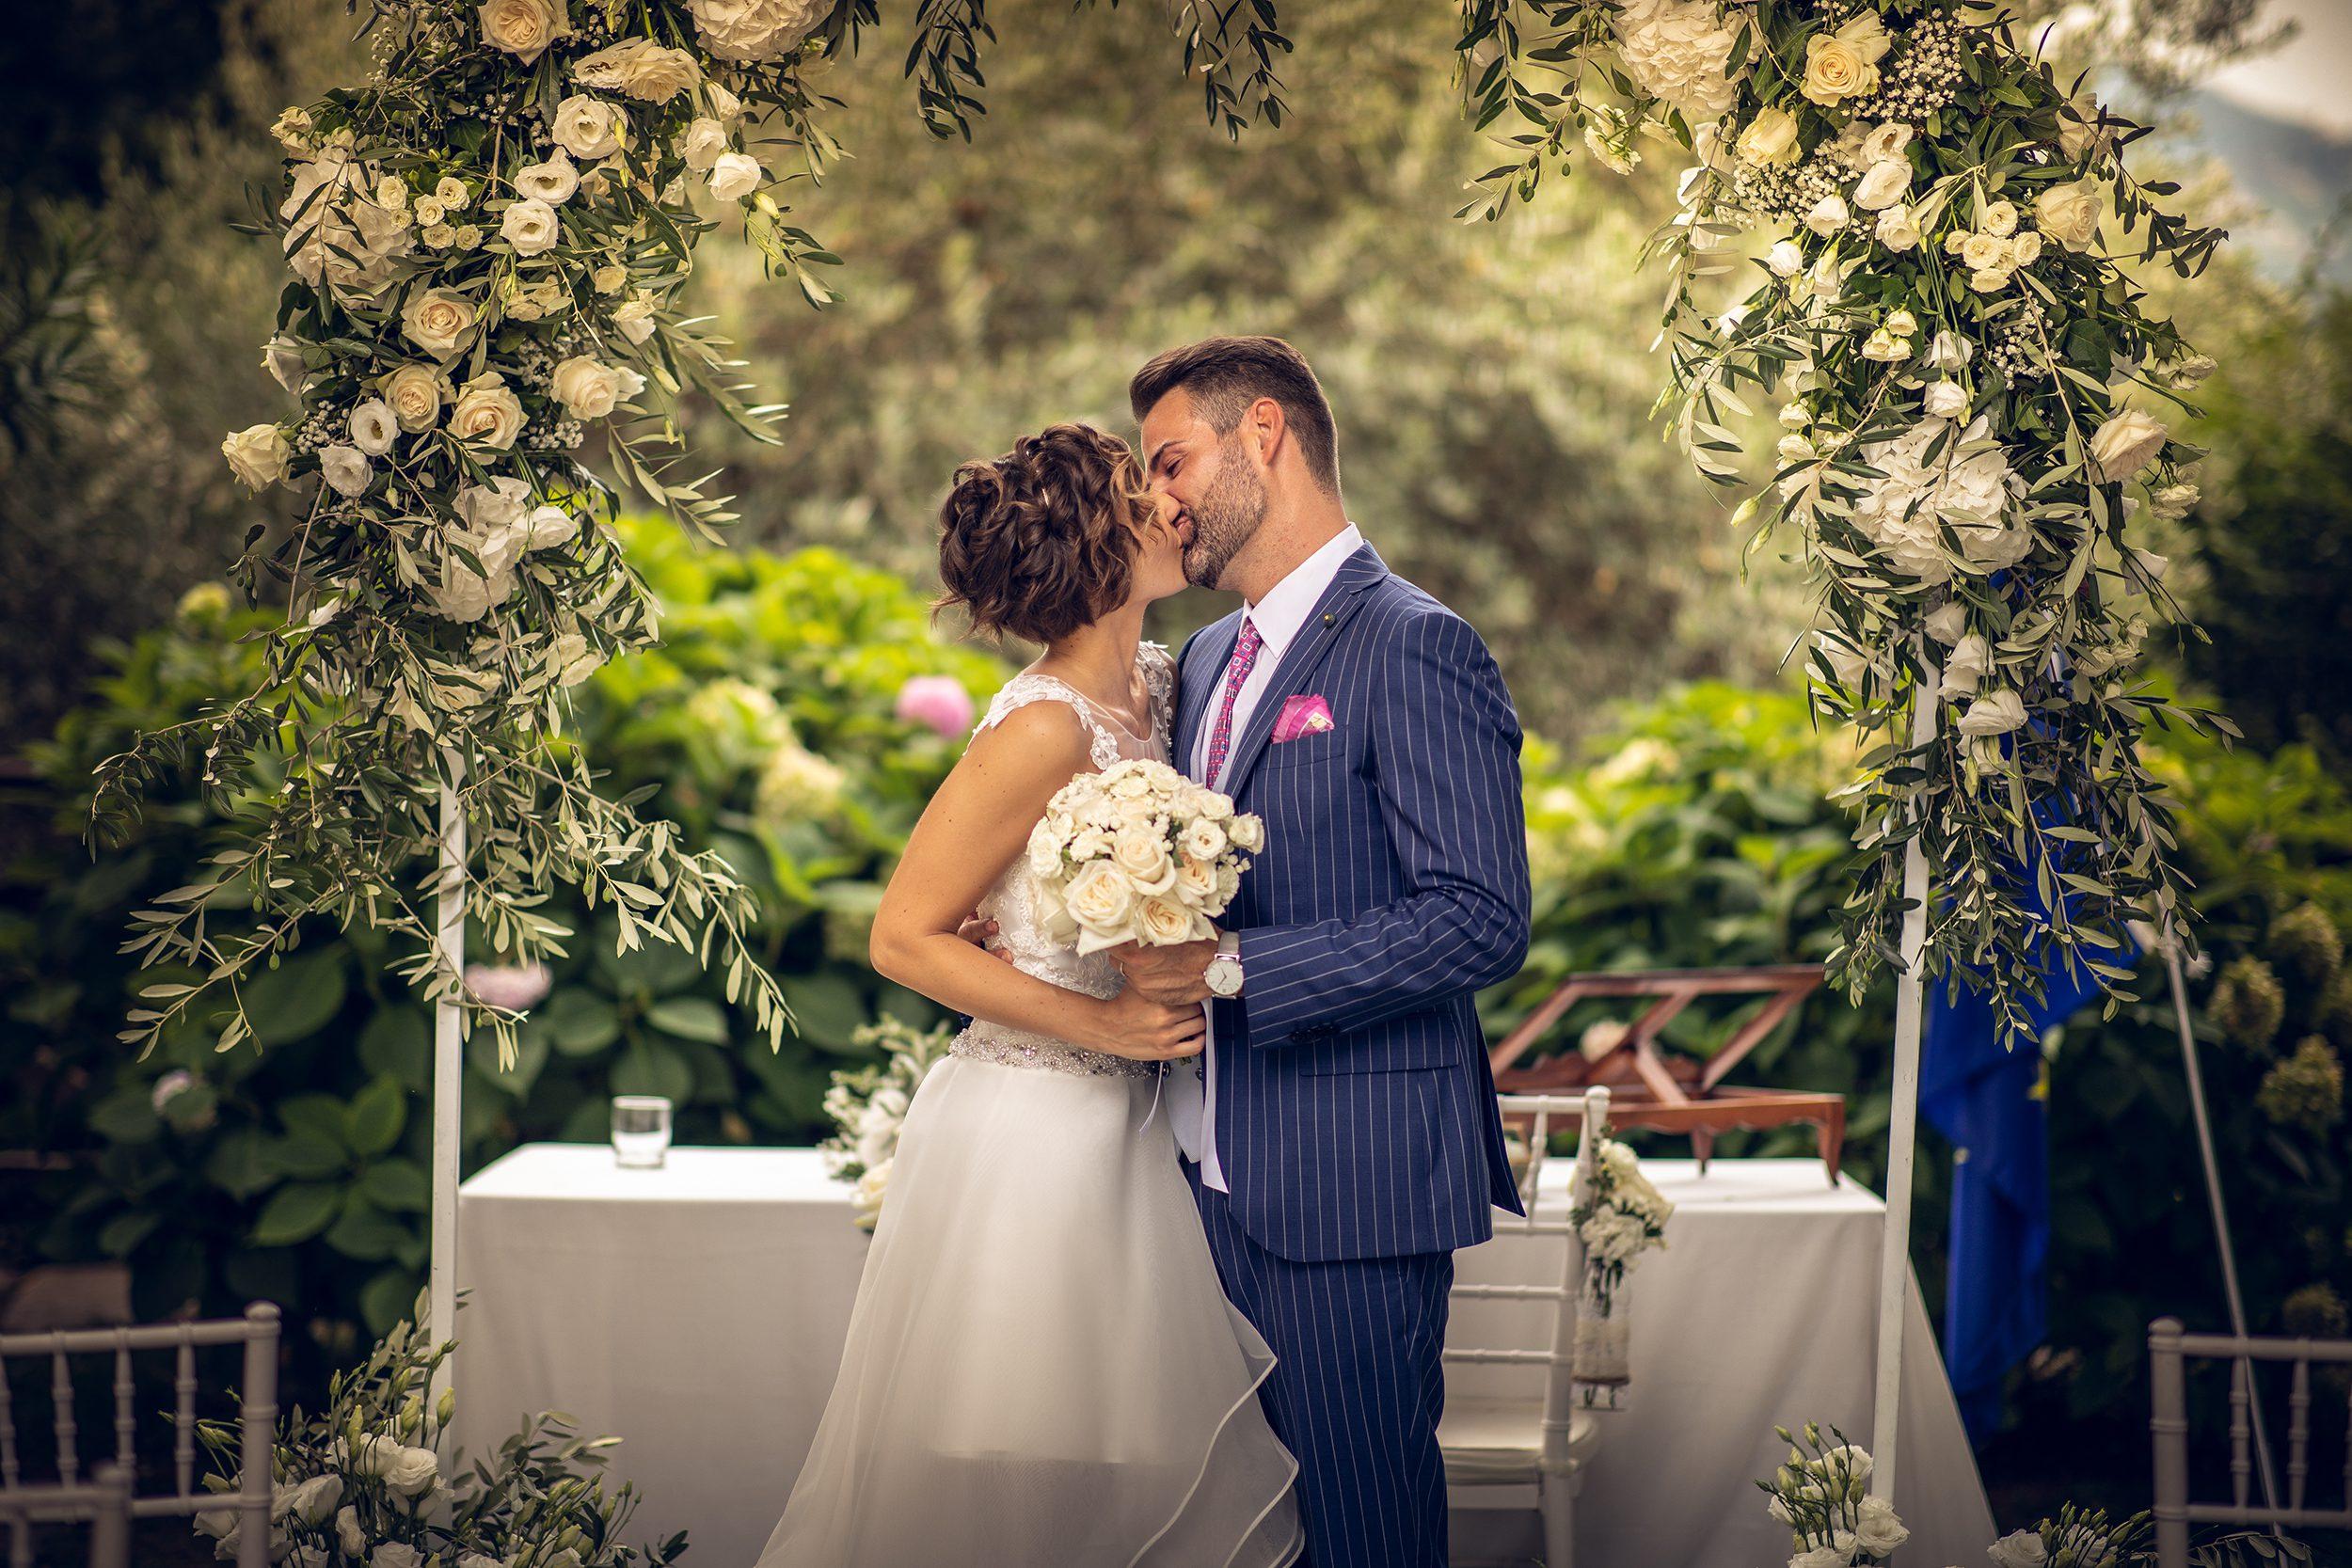 Foto matrimonio castello di rossino location matrimoni lecco sara e manuel photografica mangili